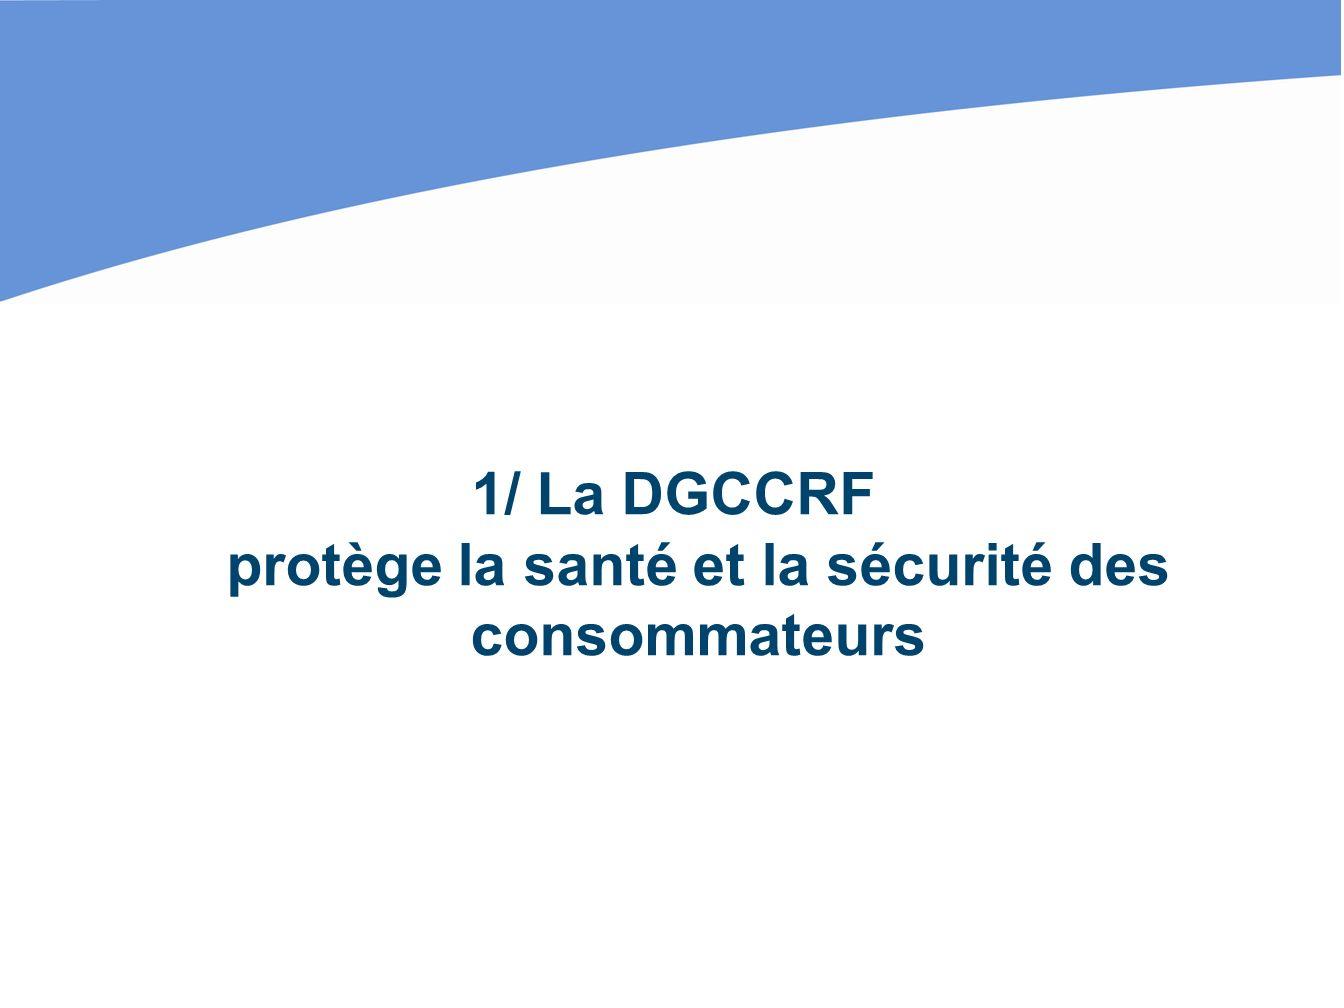 1/ La DGCCRF protège la santé et la sécurité des consommateurs